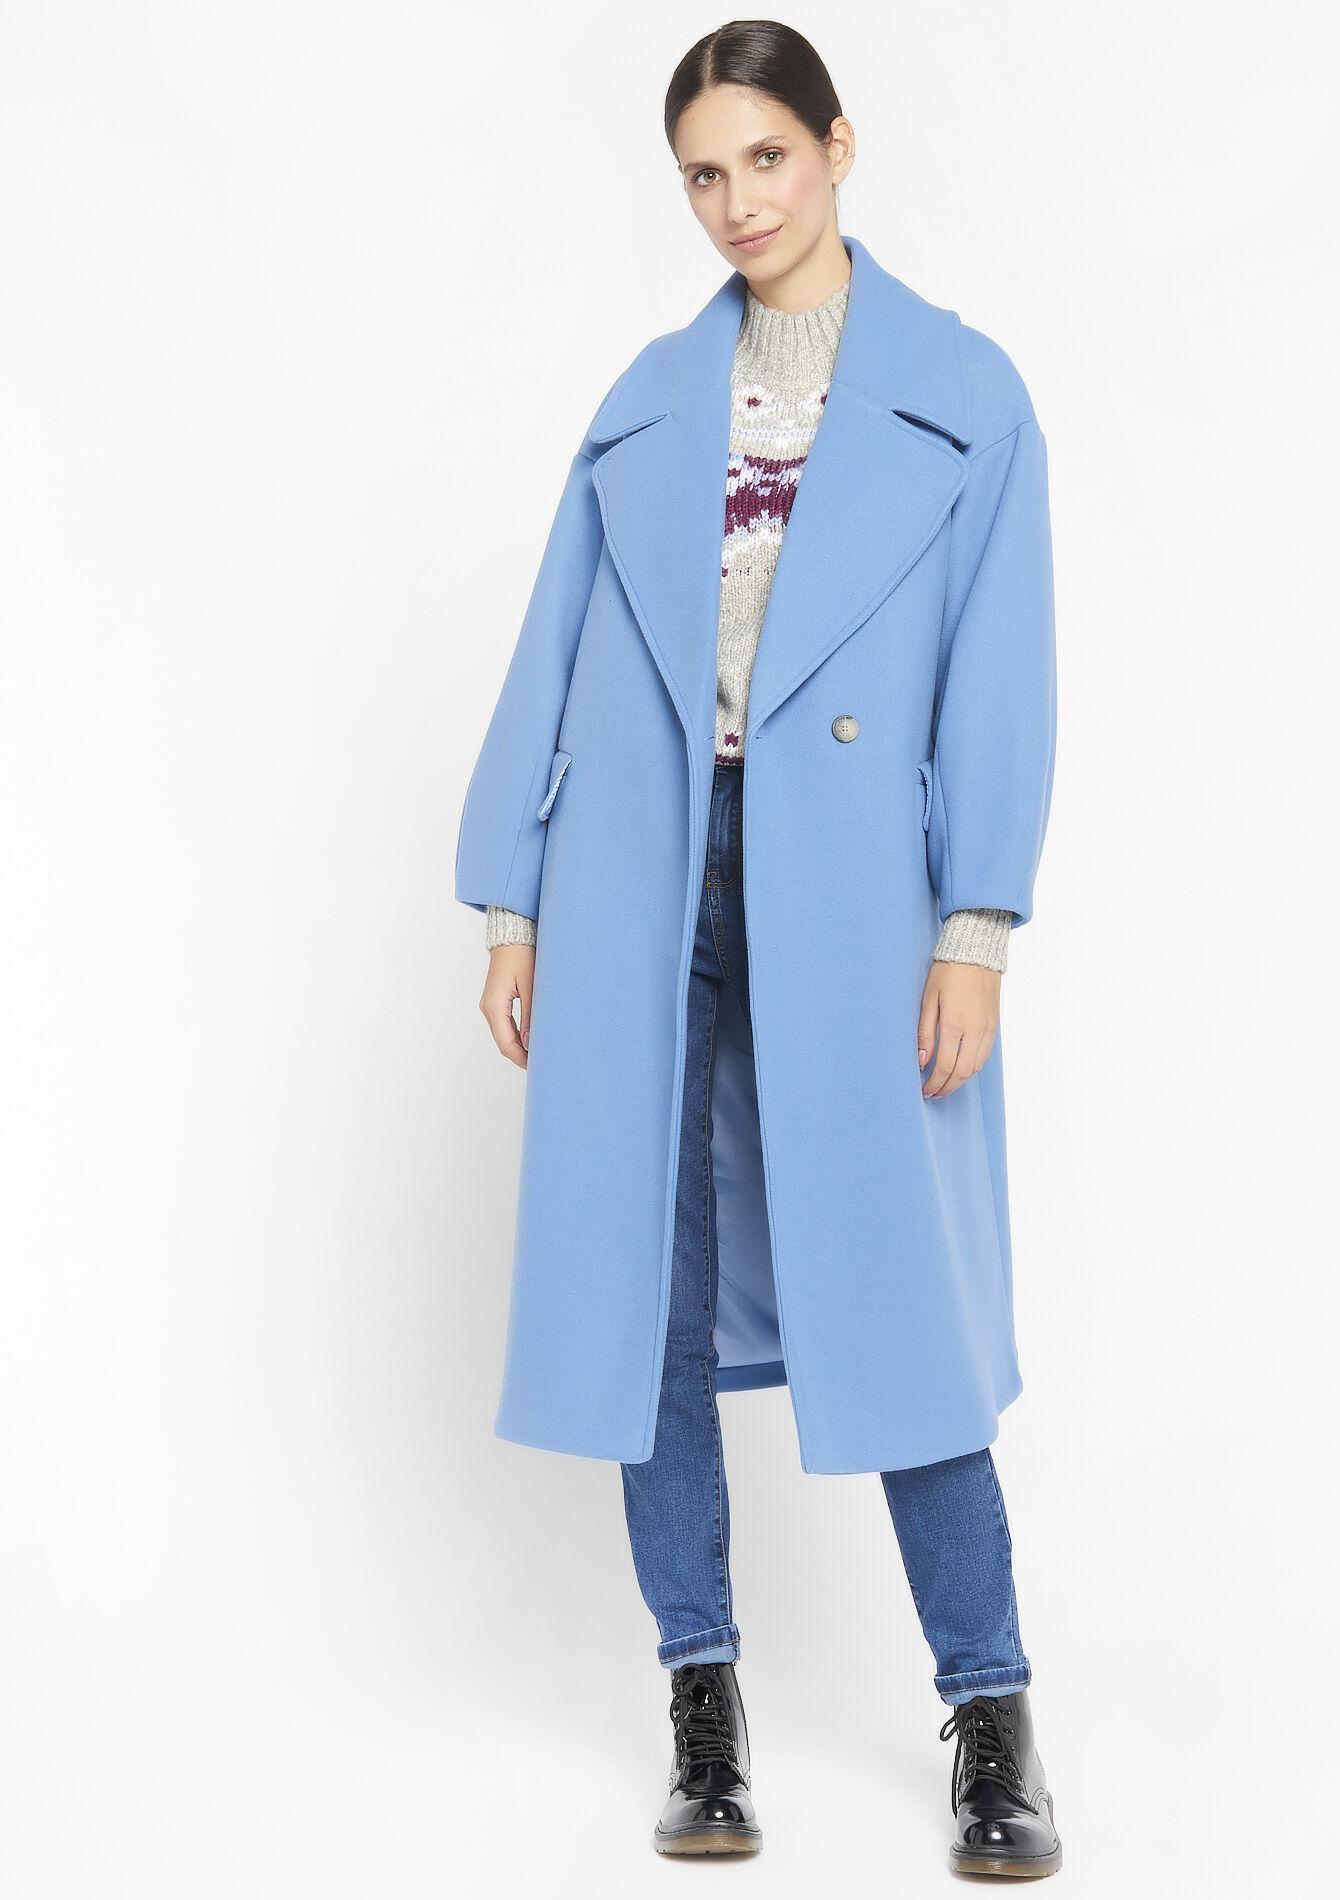 Le manteau long <em>oversize</em>» class=»c-product__image»>  <div class=